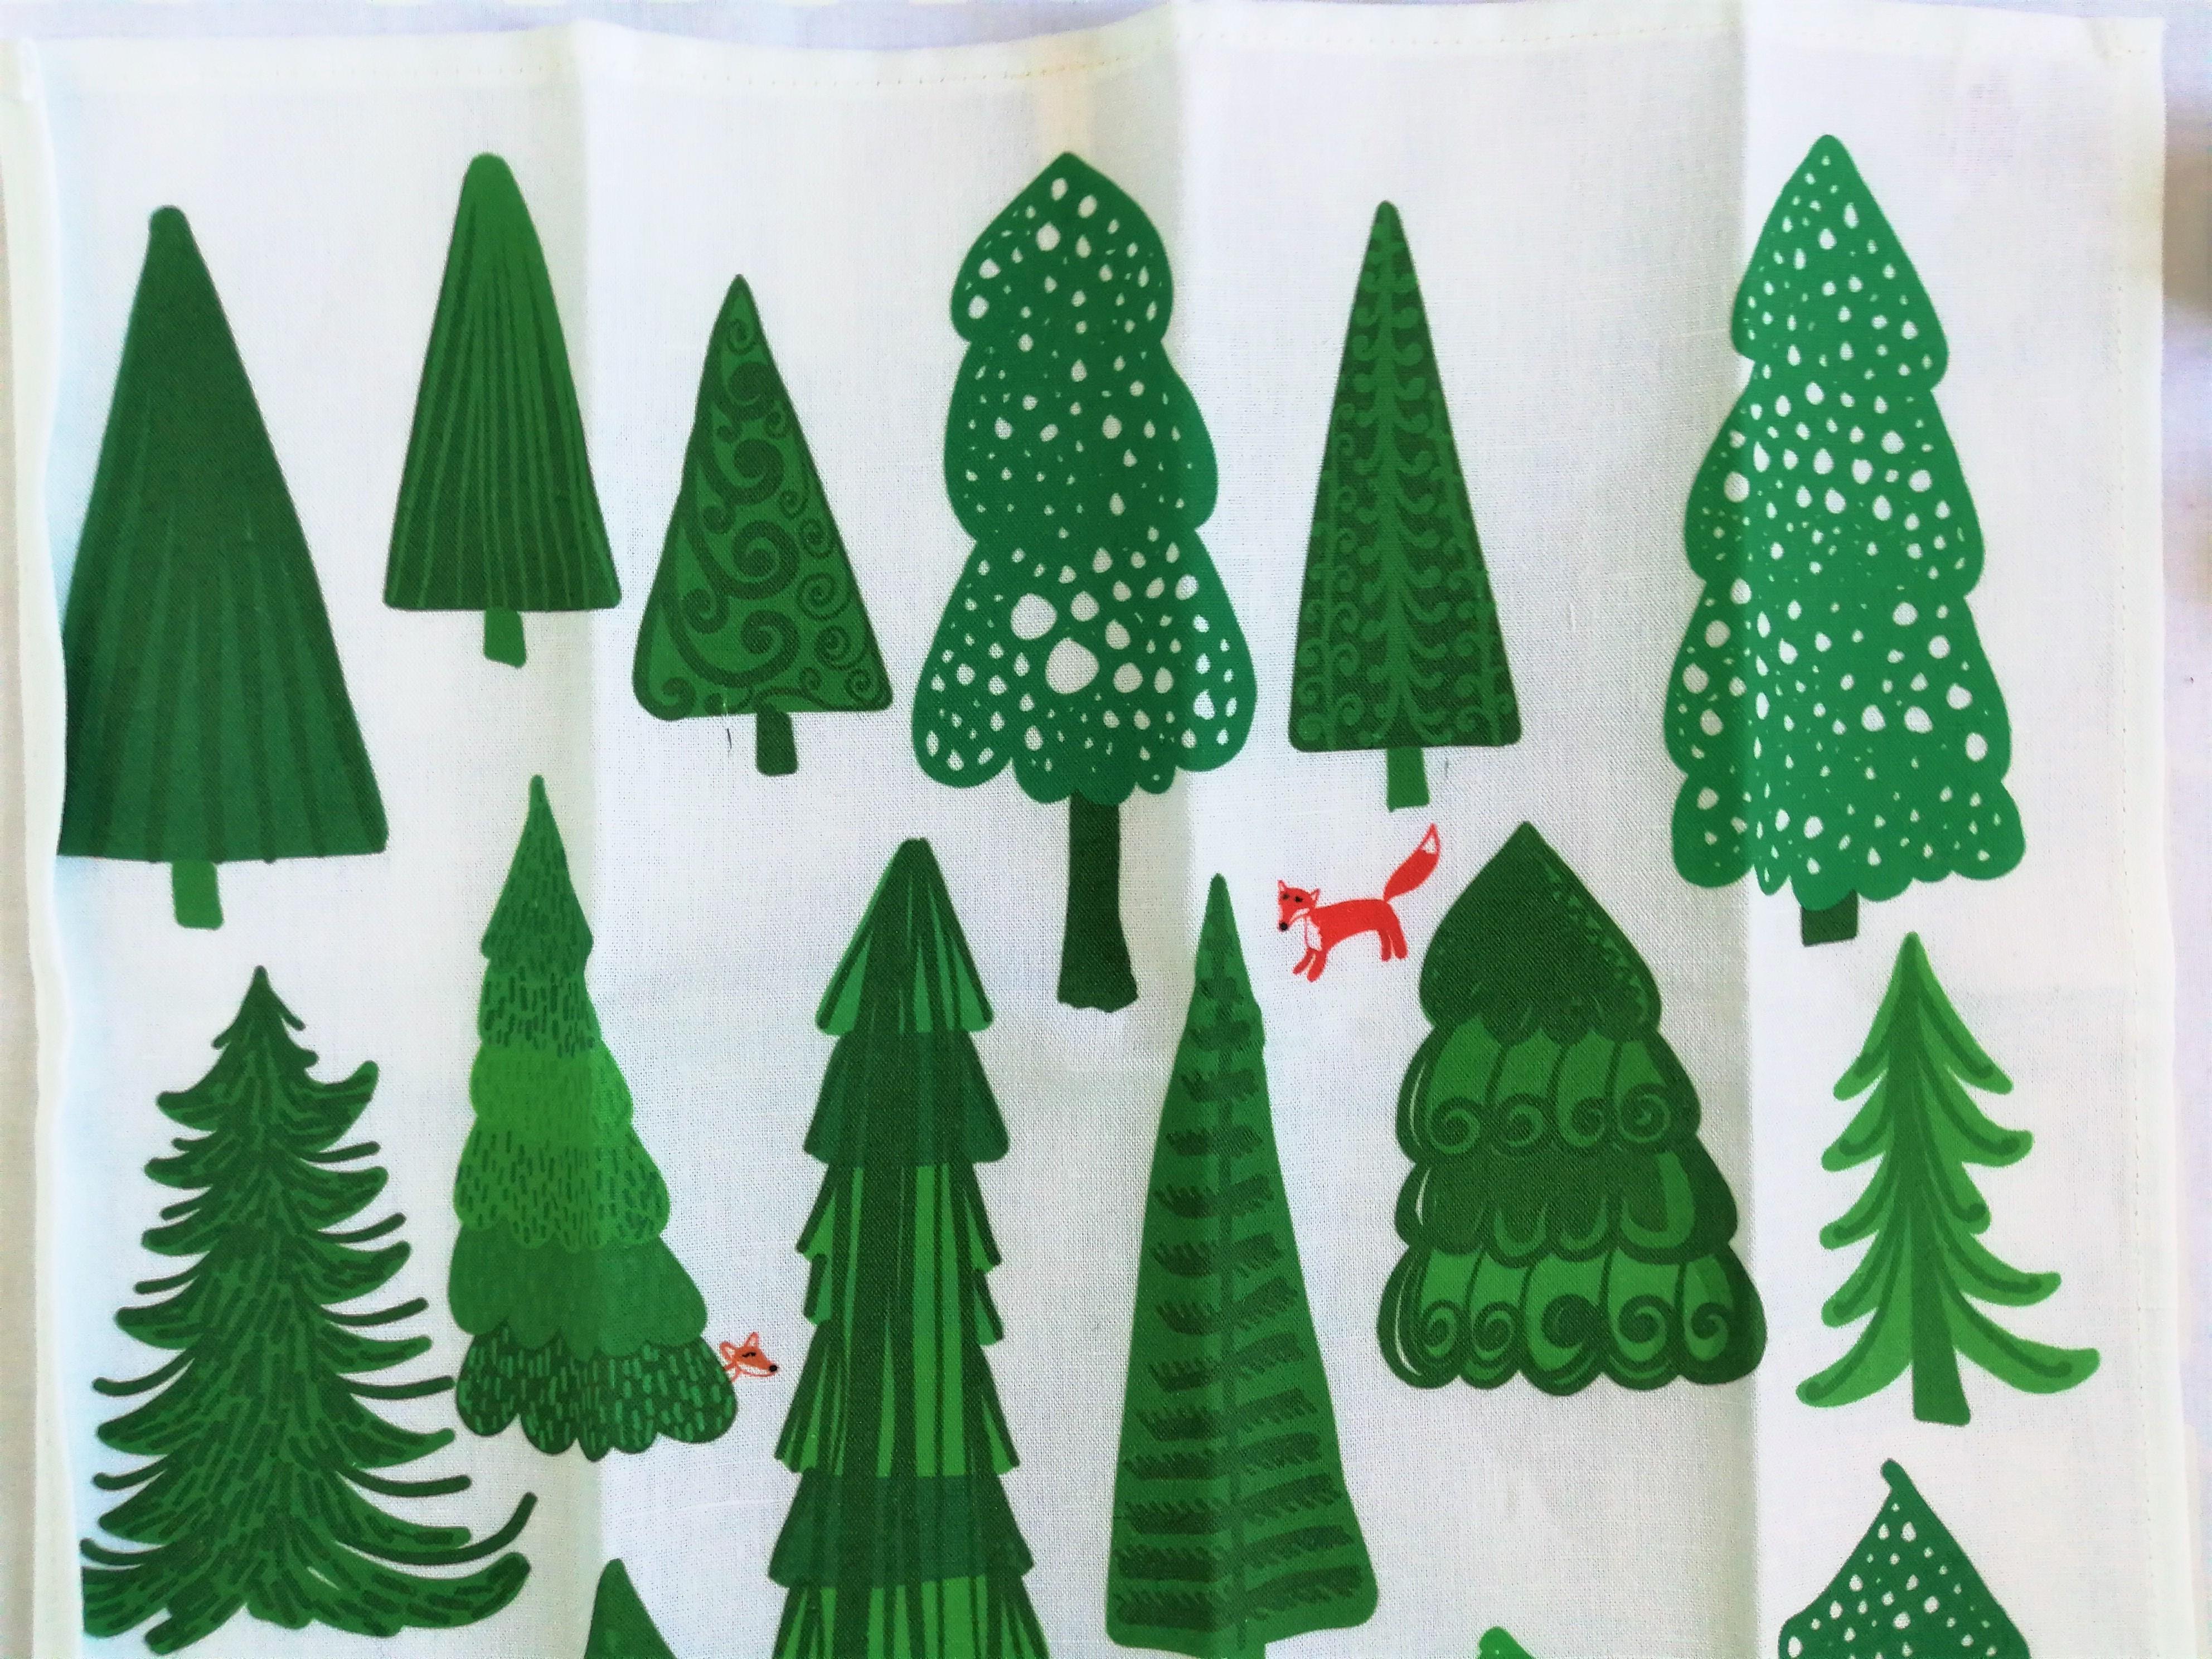 フィンランドの森 ティータオル / Virkkukoukunen ヴィルクコックネン / フィンランド